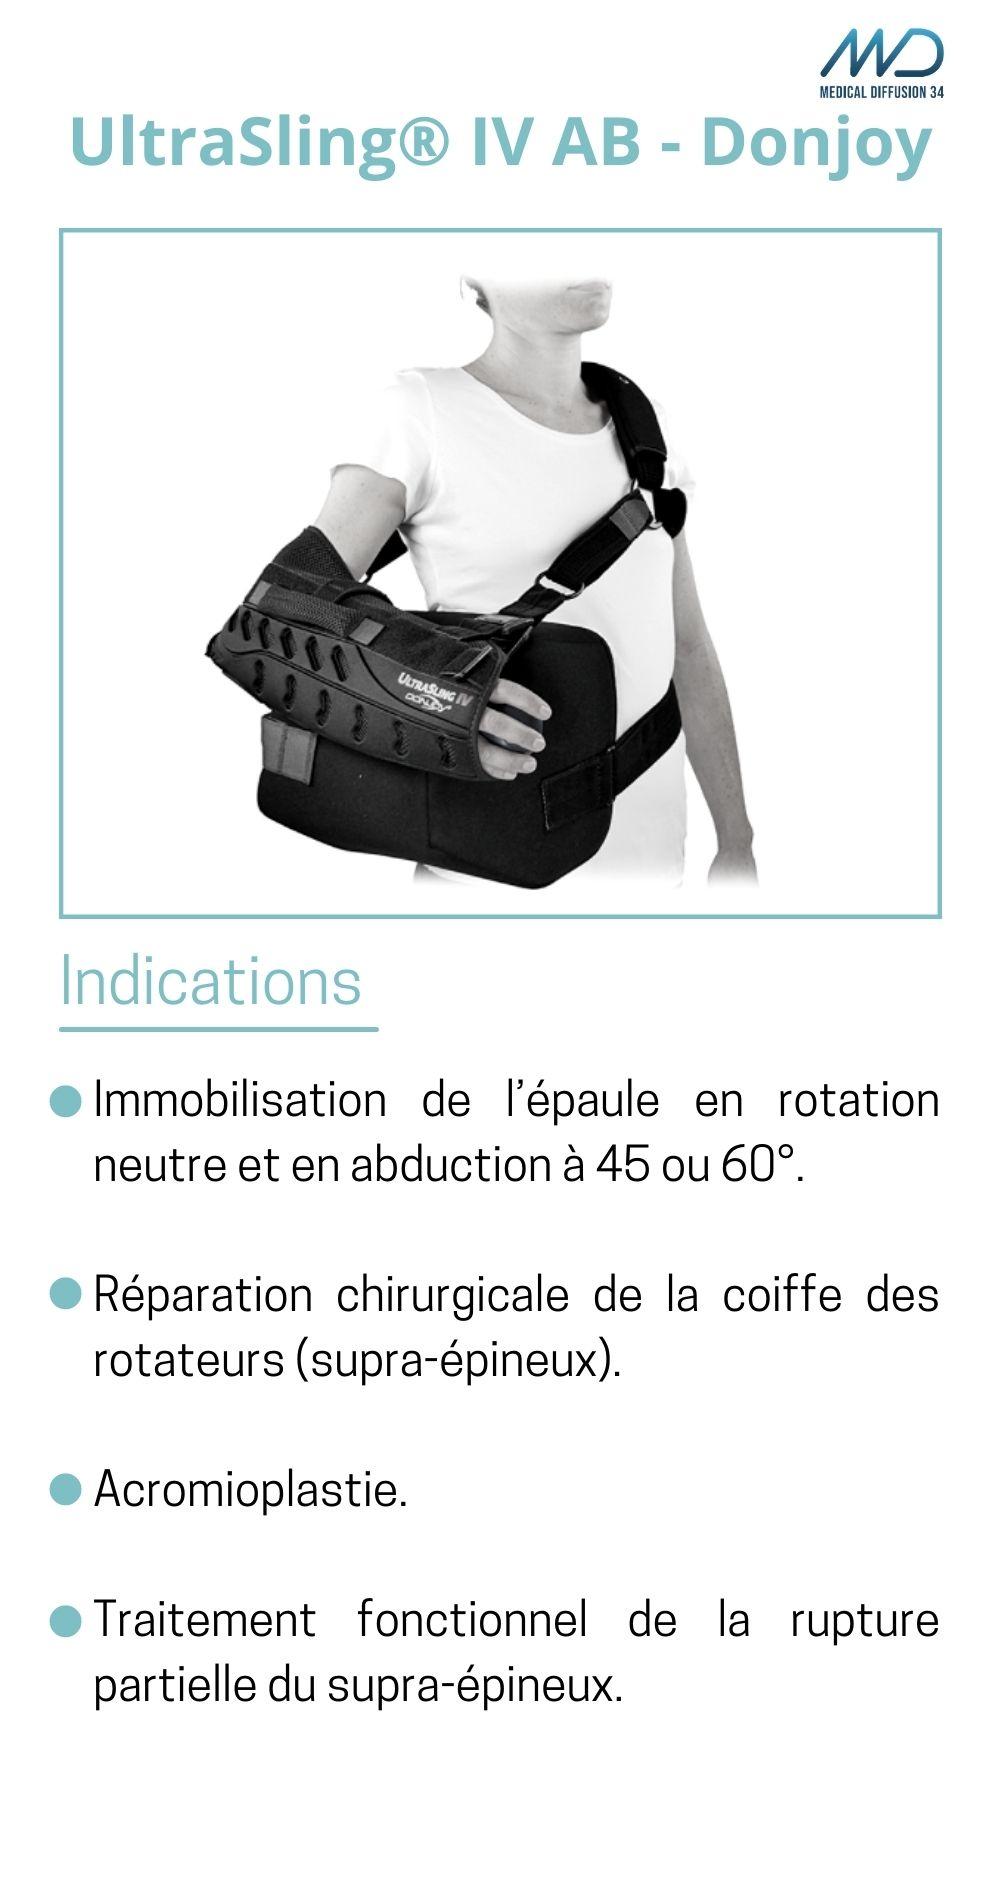 UltraSling IV AB - Donjoy - Orthèse d'épaule - espace md santé